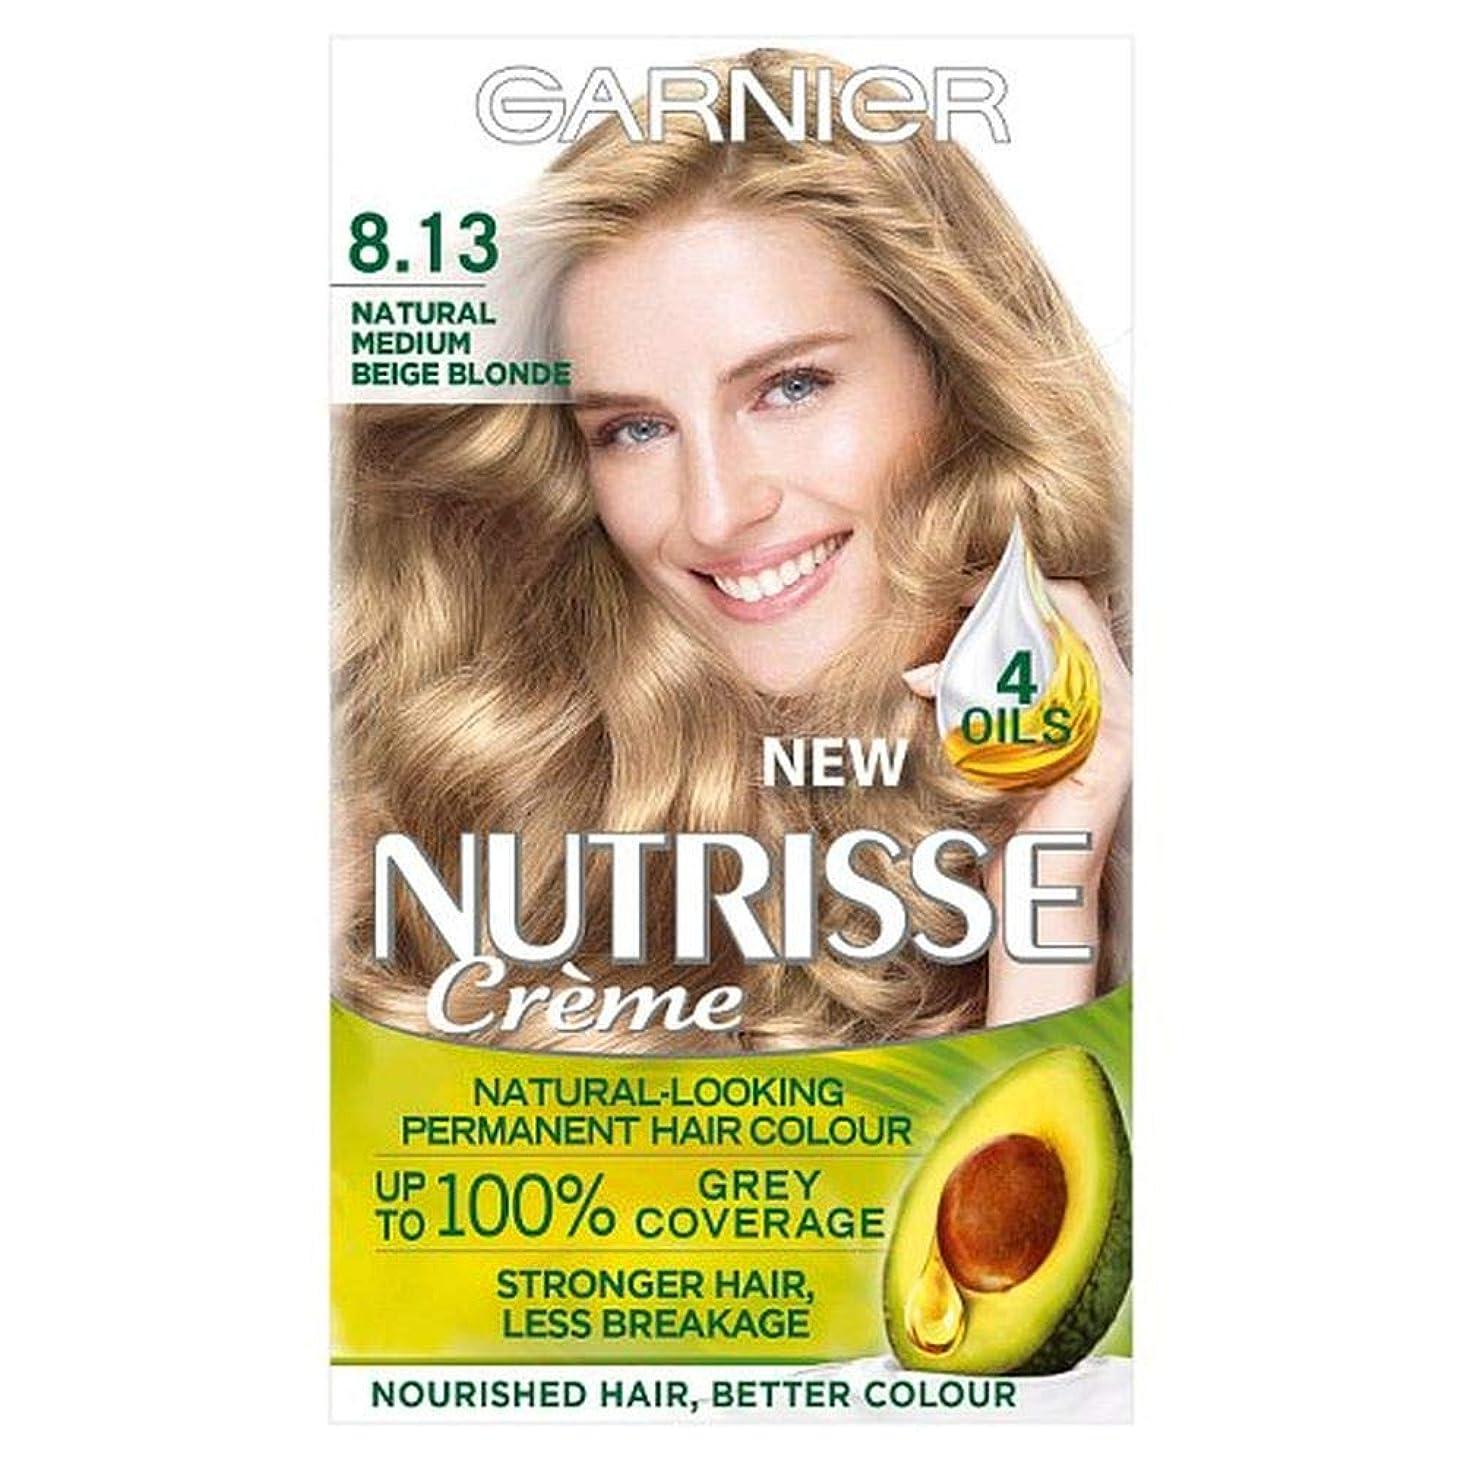 ファントム予測テーマ[Garnier ] 8.13メディアベージュブロンド永久染毛剤Nutrisseガルニエ - Garnier Nutrisse 8.13 Medium Beige Blonde Permanent Hair Dye [並行輸入品]